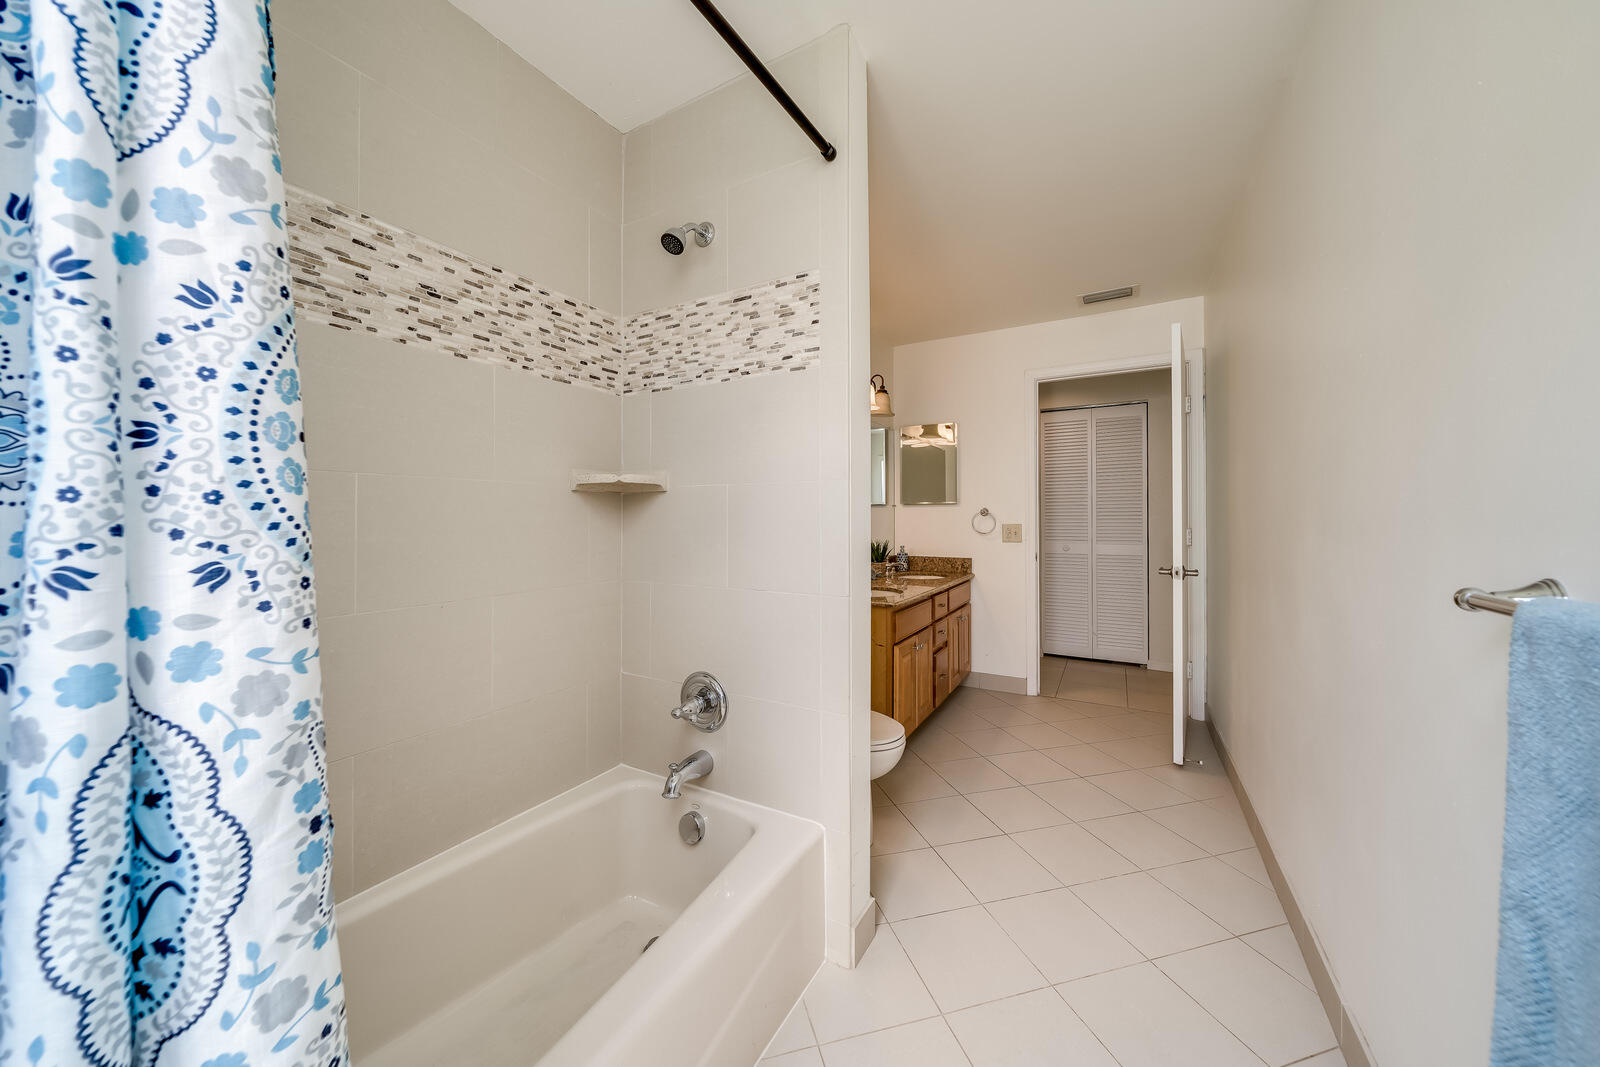 cabana bath #3